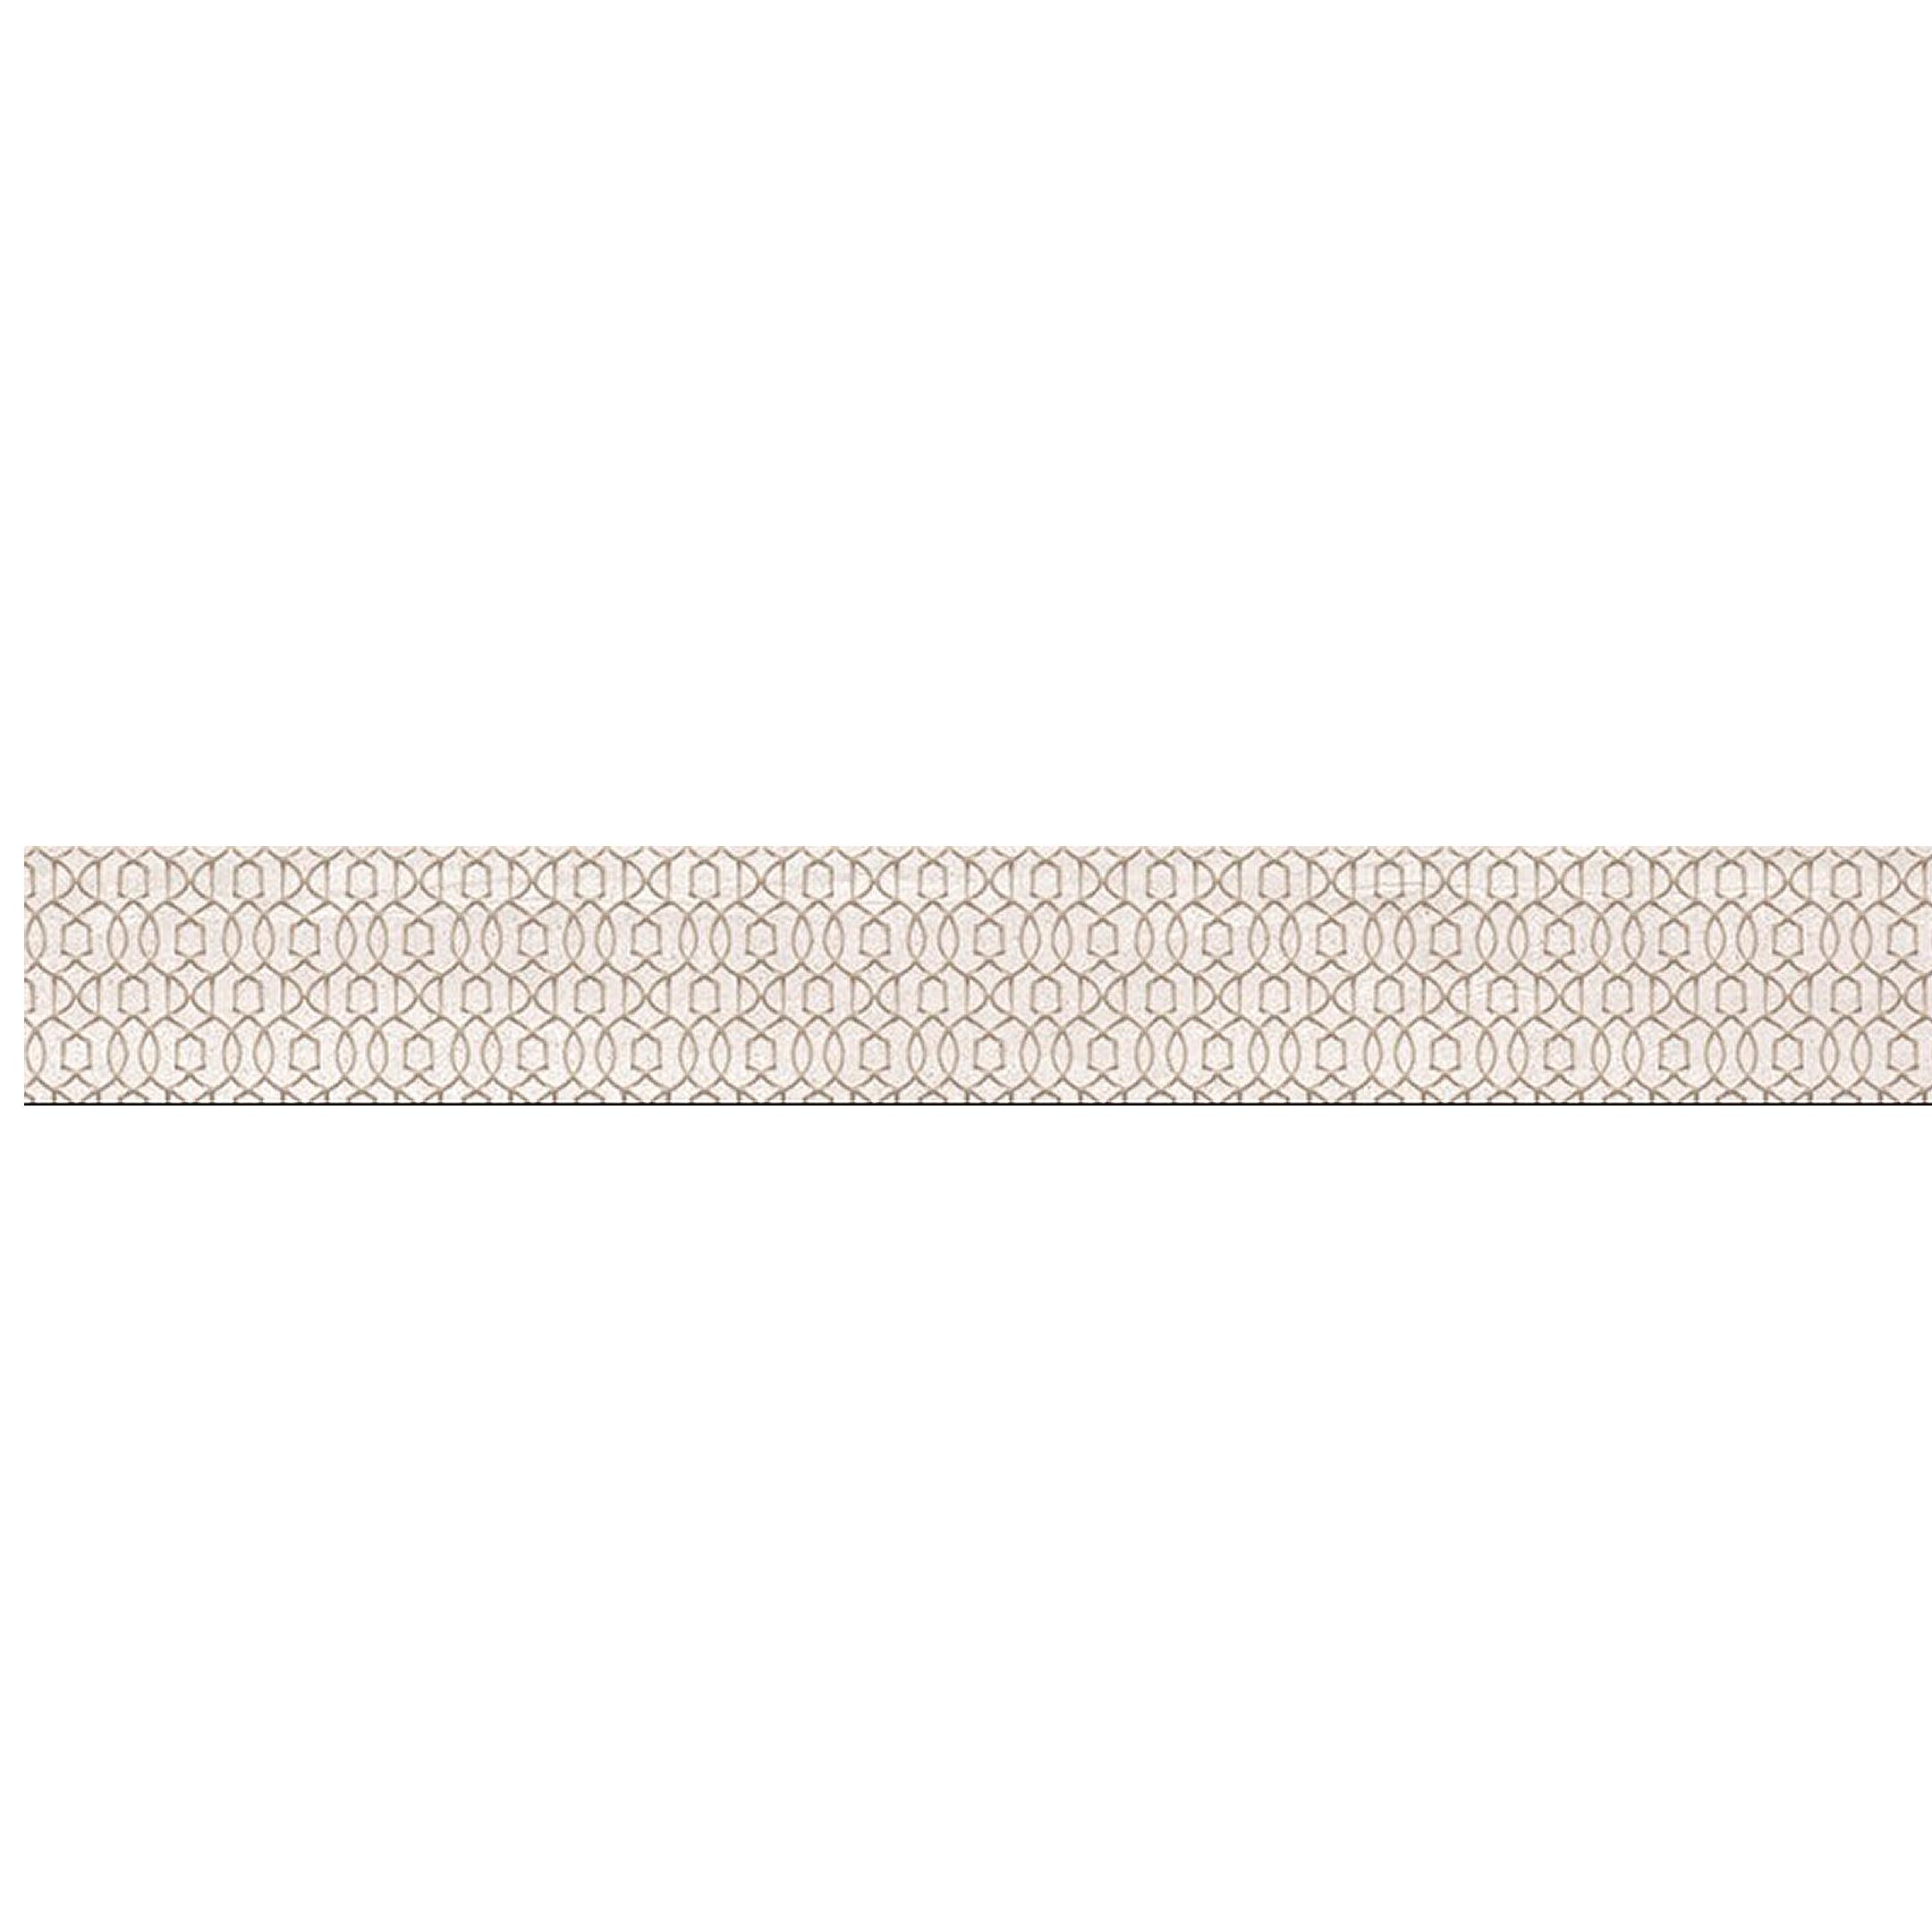 Плитка бордюр Cersanit Alba бежевая 80x590x8 мм (10 шт.=0,48 кв.м) цены